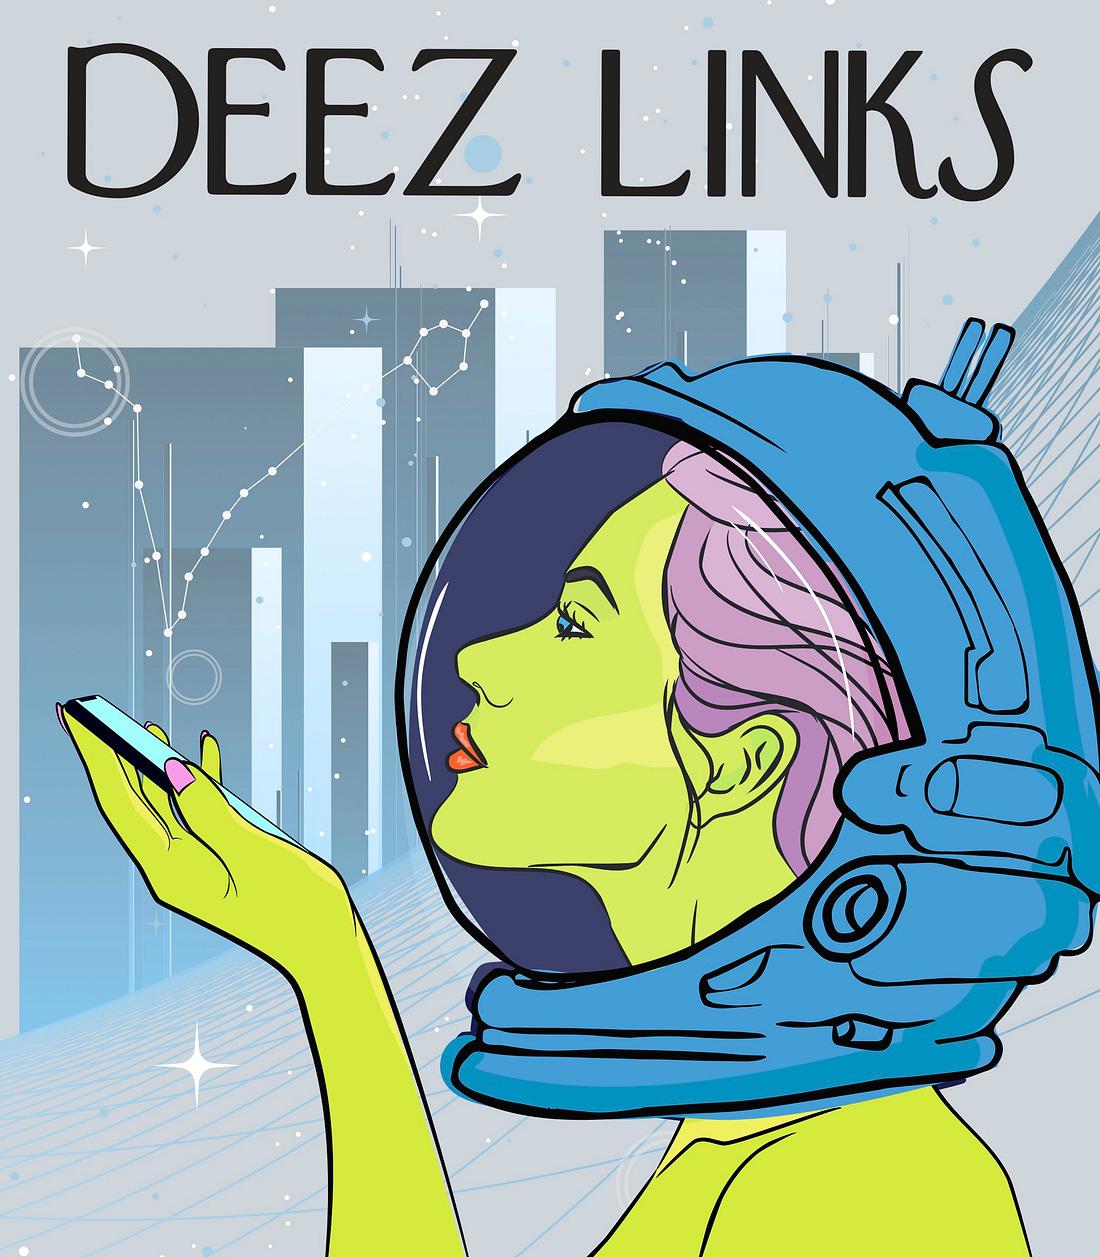 deez links substack